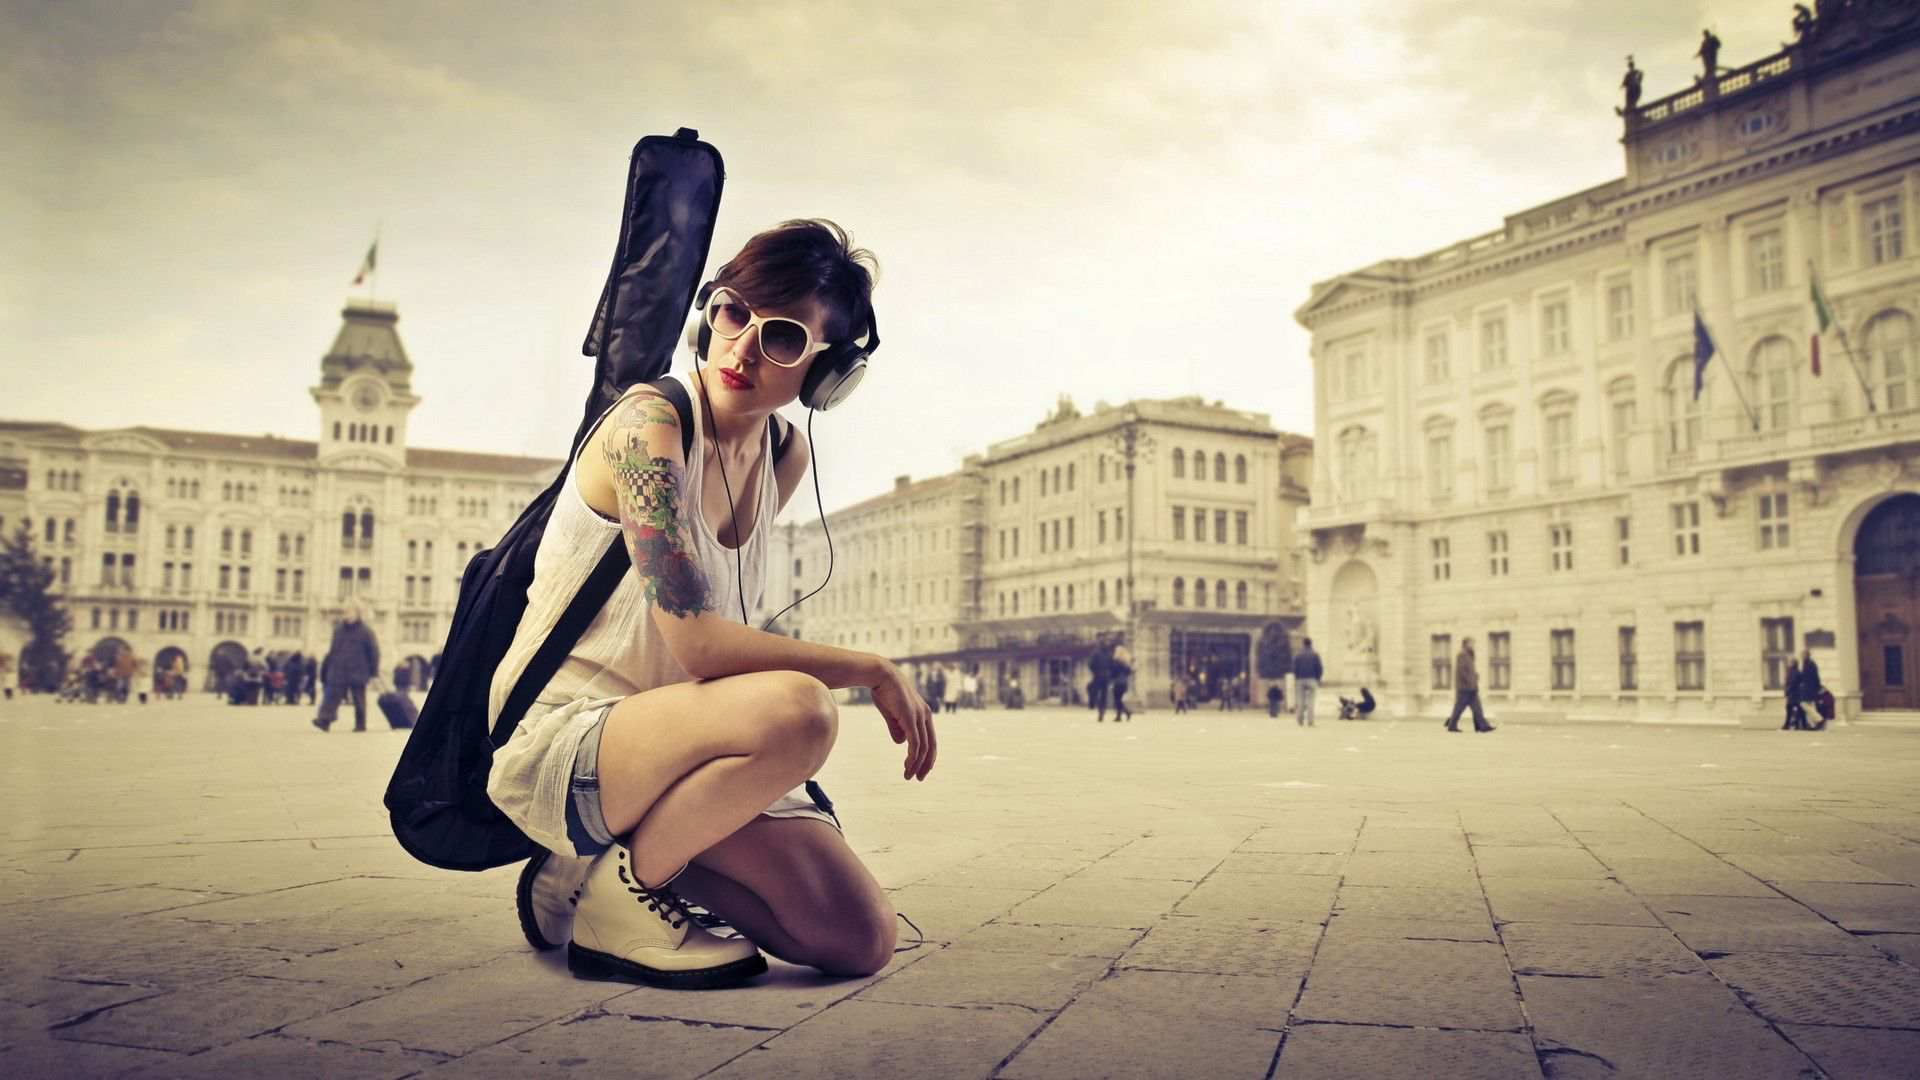 Hình nền máy tính HD cô gái đeo headphone và đàn ghita đẹp